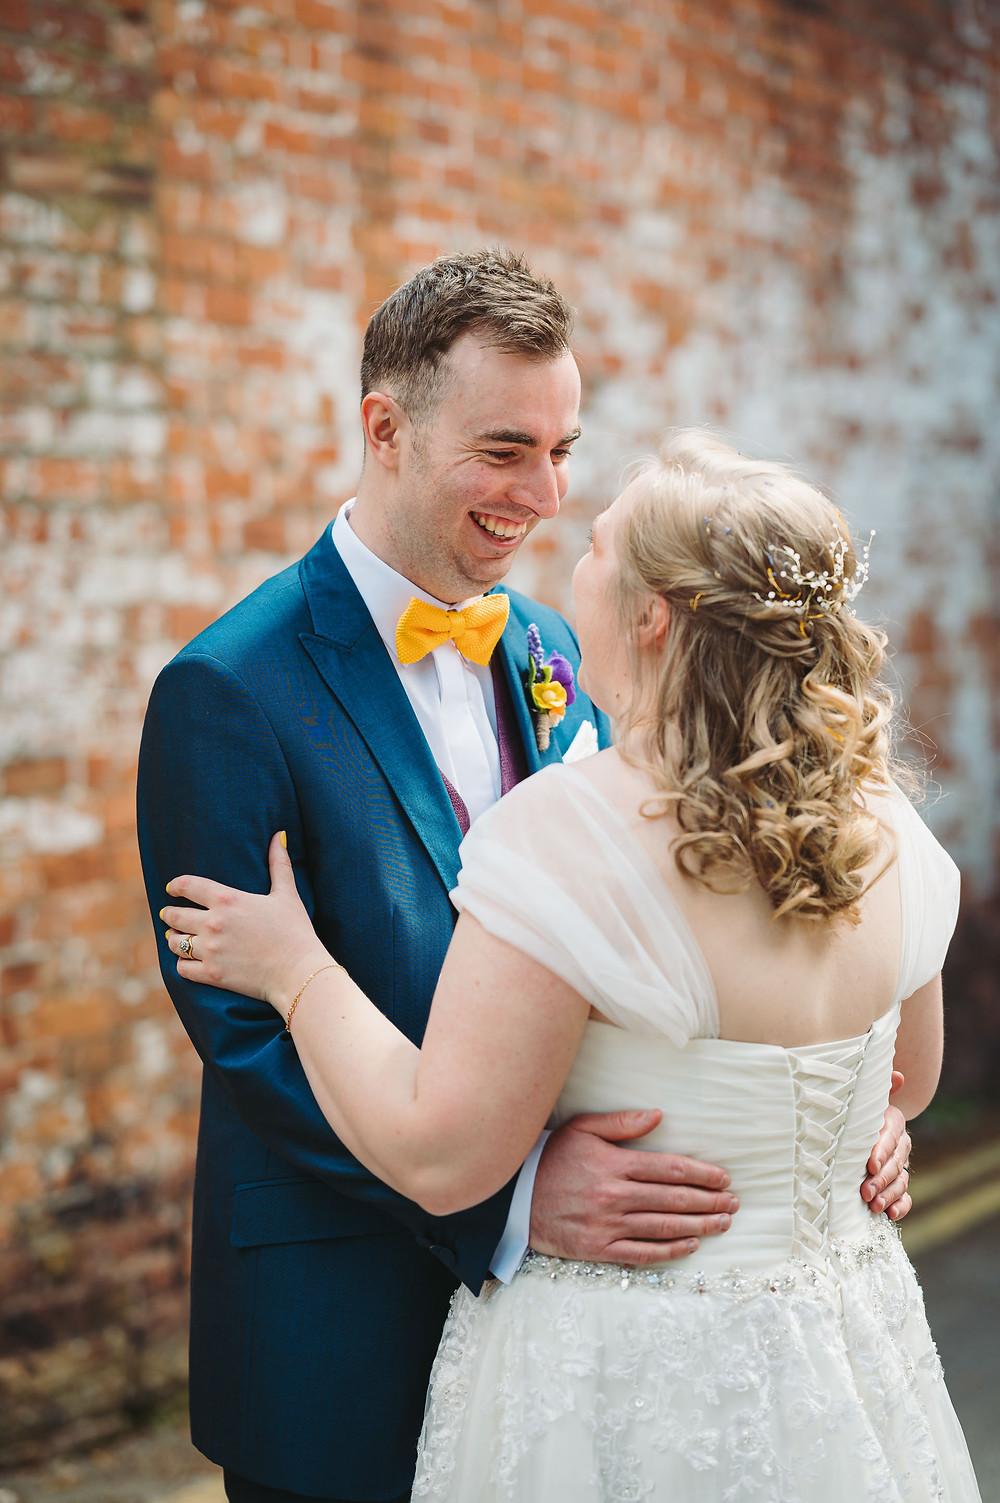 Wrenbury Hall Wedding Photography, nantwich photography